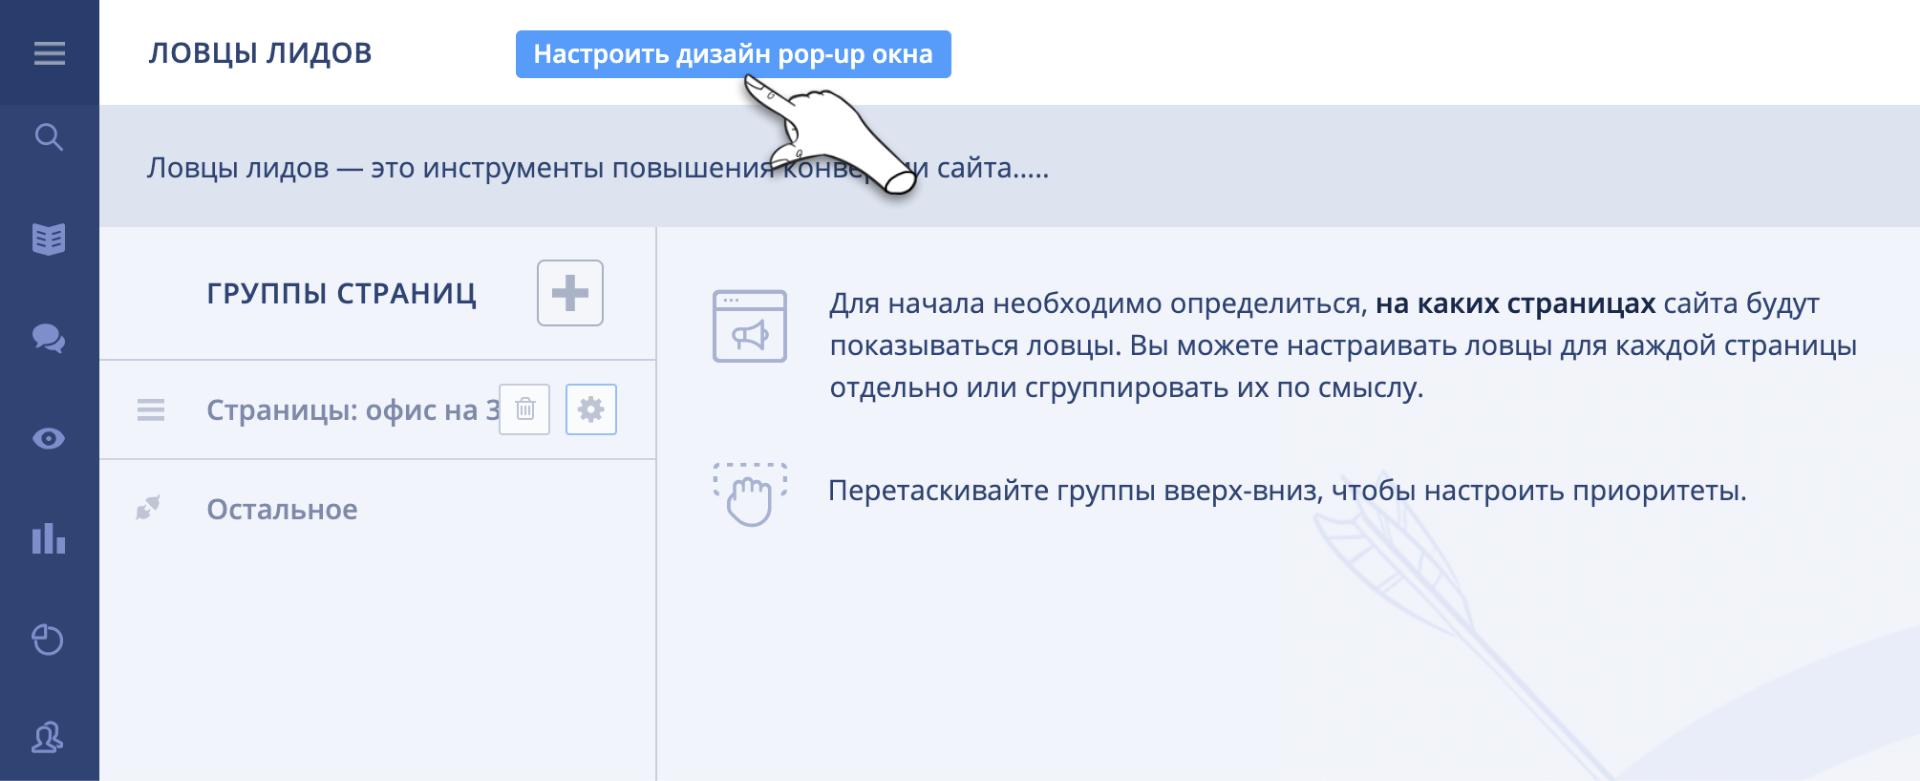 Кнопка Настроить дизайн pop-up окна